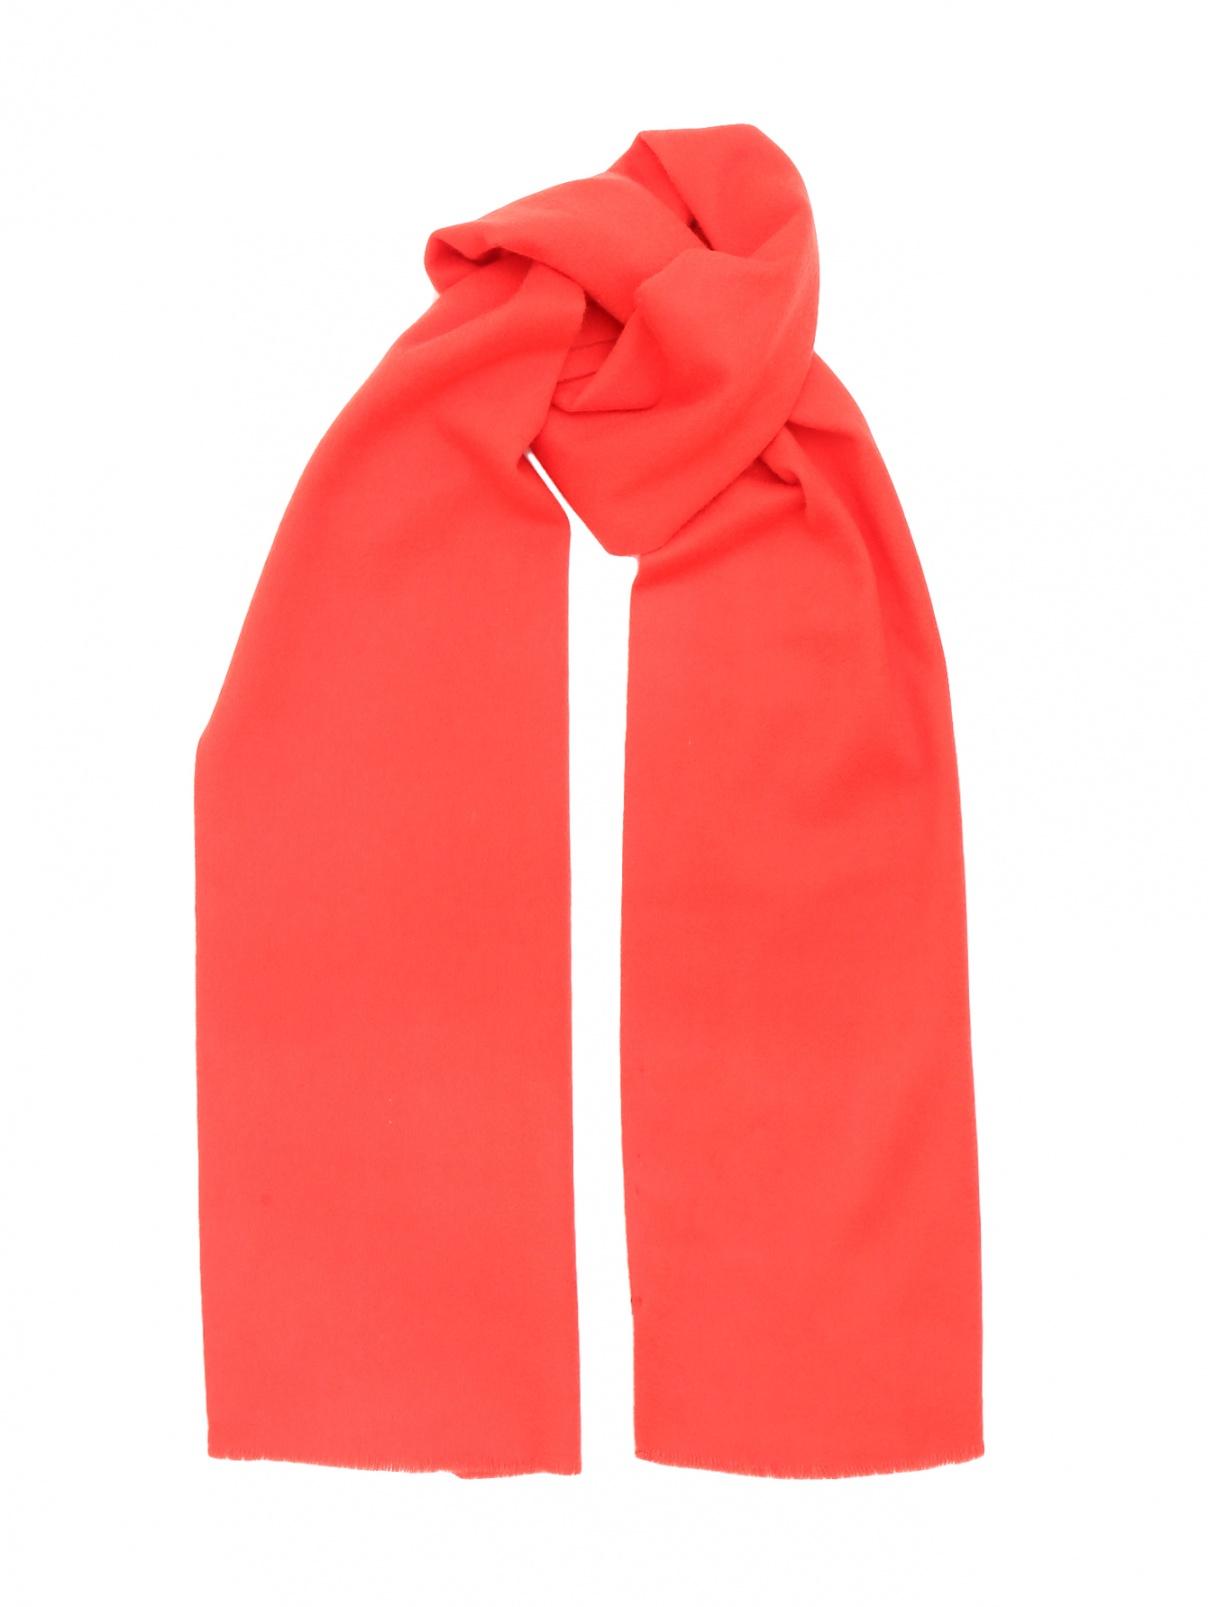 Шарф из шерсти и кашемира Jil Sander  –  Общий вид  – Цвет:  Красный